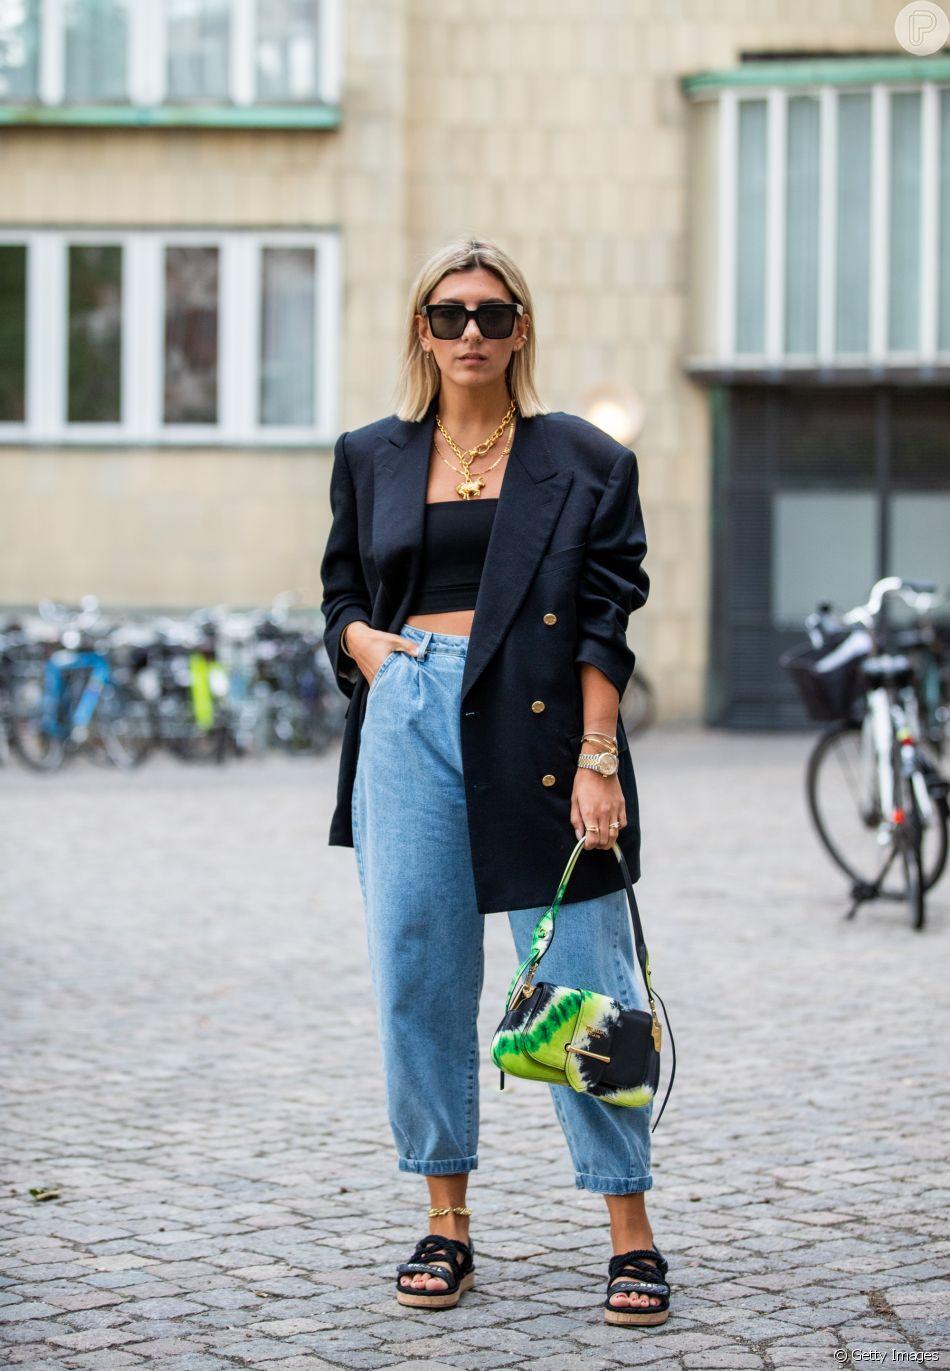 Calça mom jeans + sandália birken: look de verão fresco e estiloso